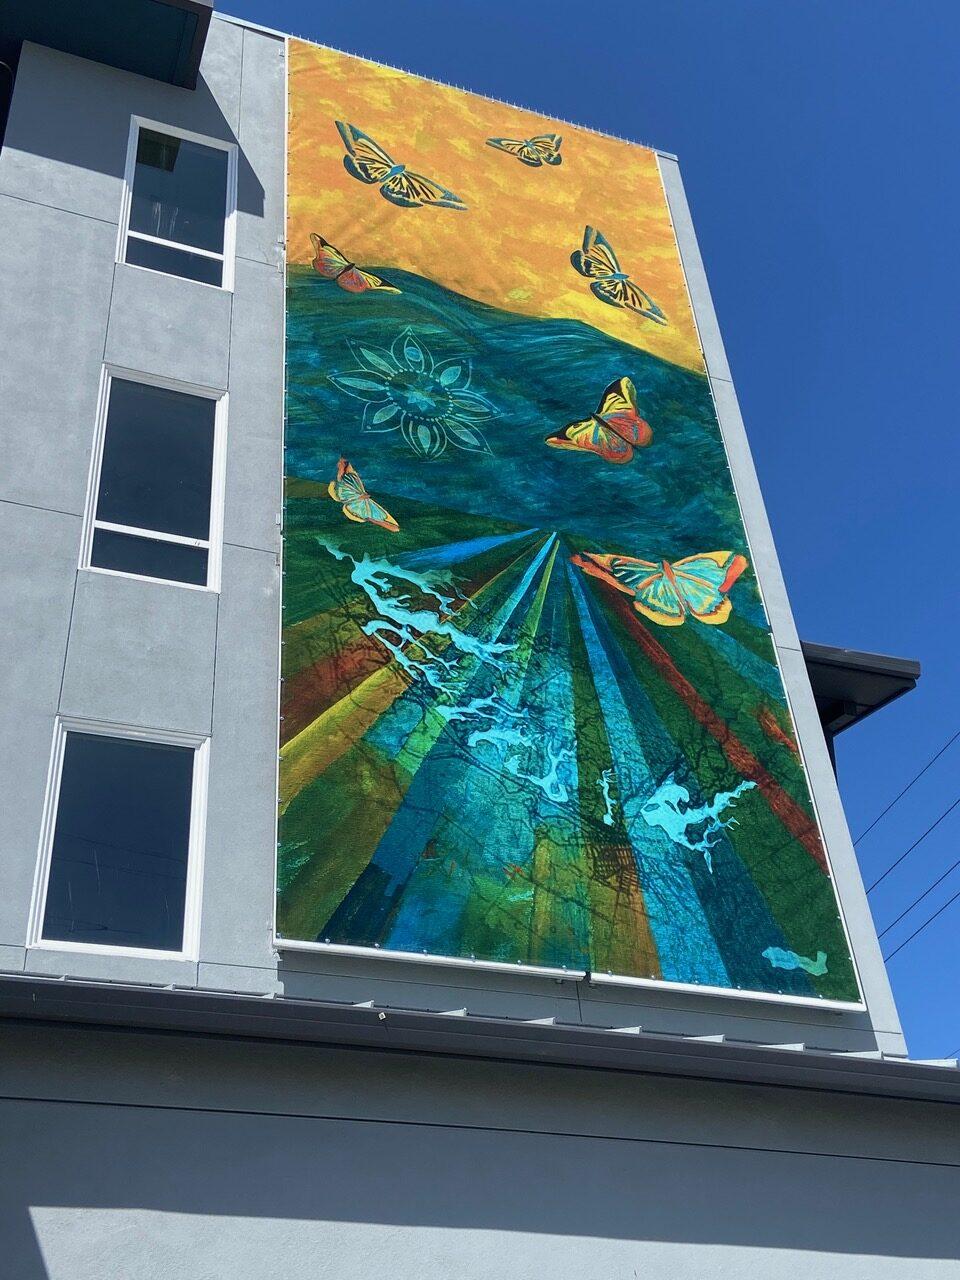 mural.butterflies-1-rotated